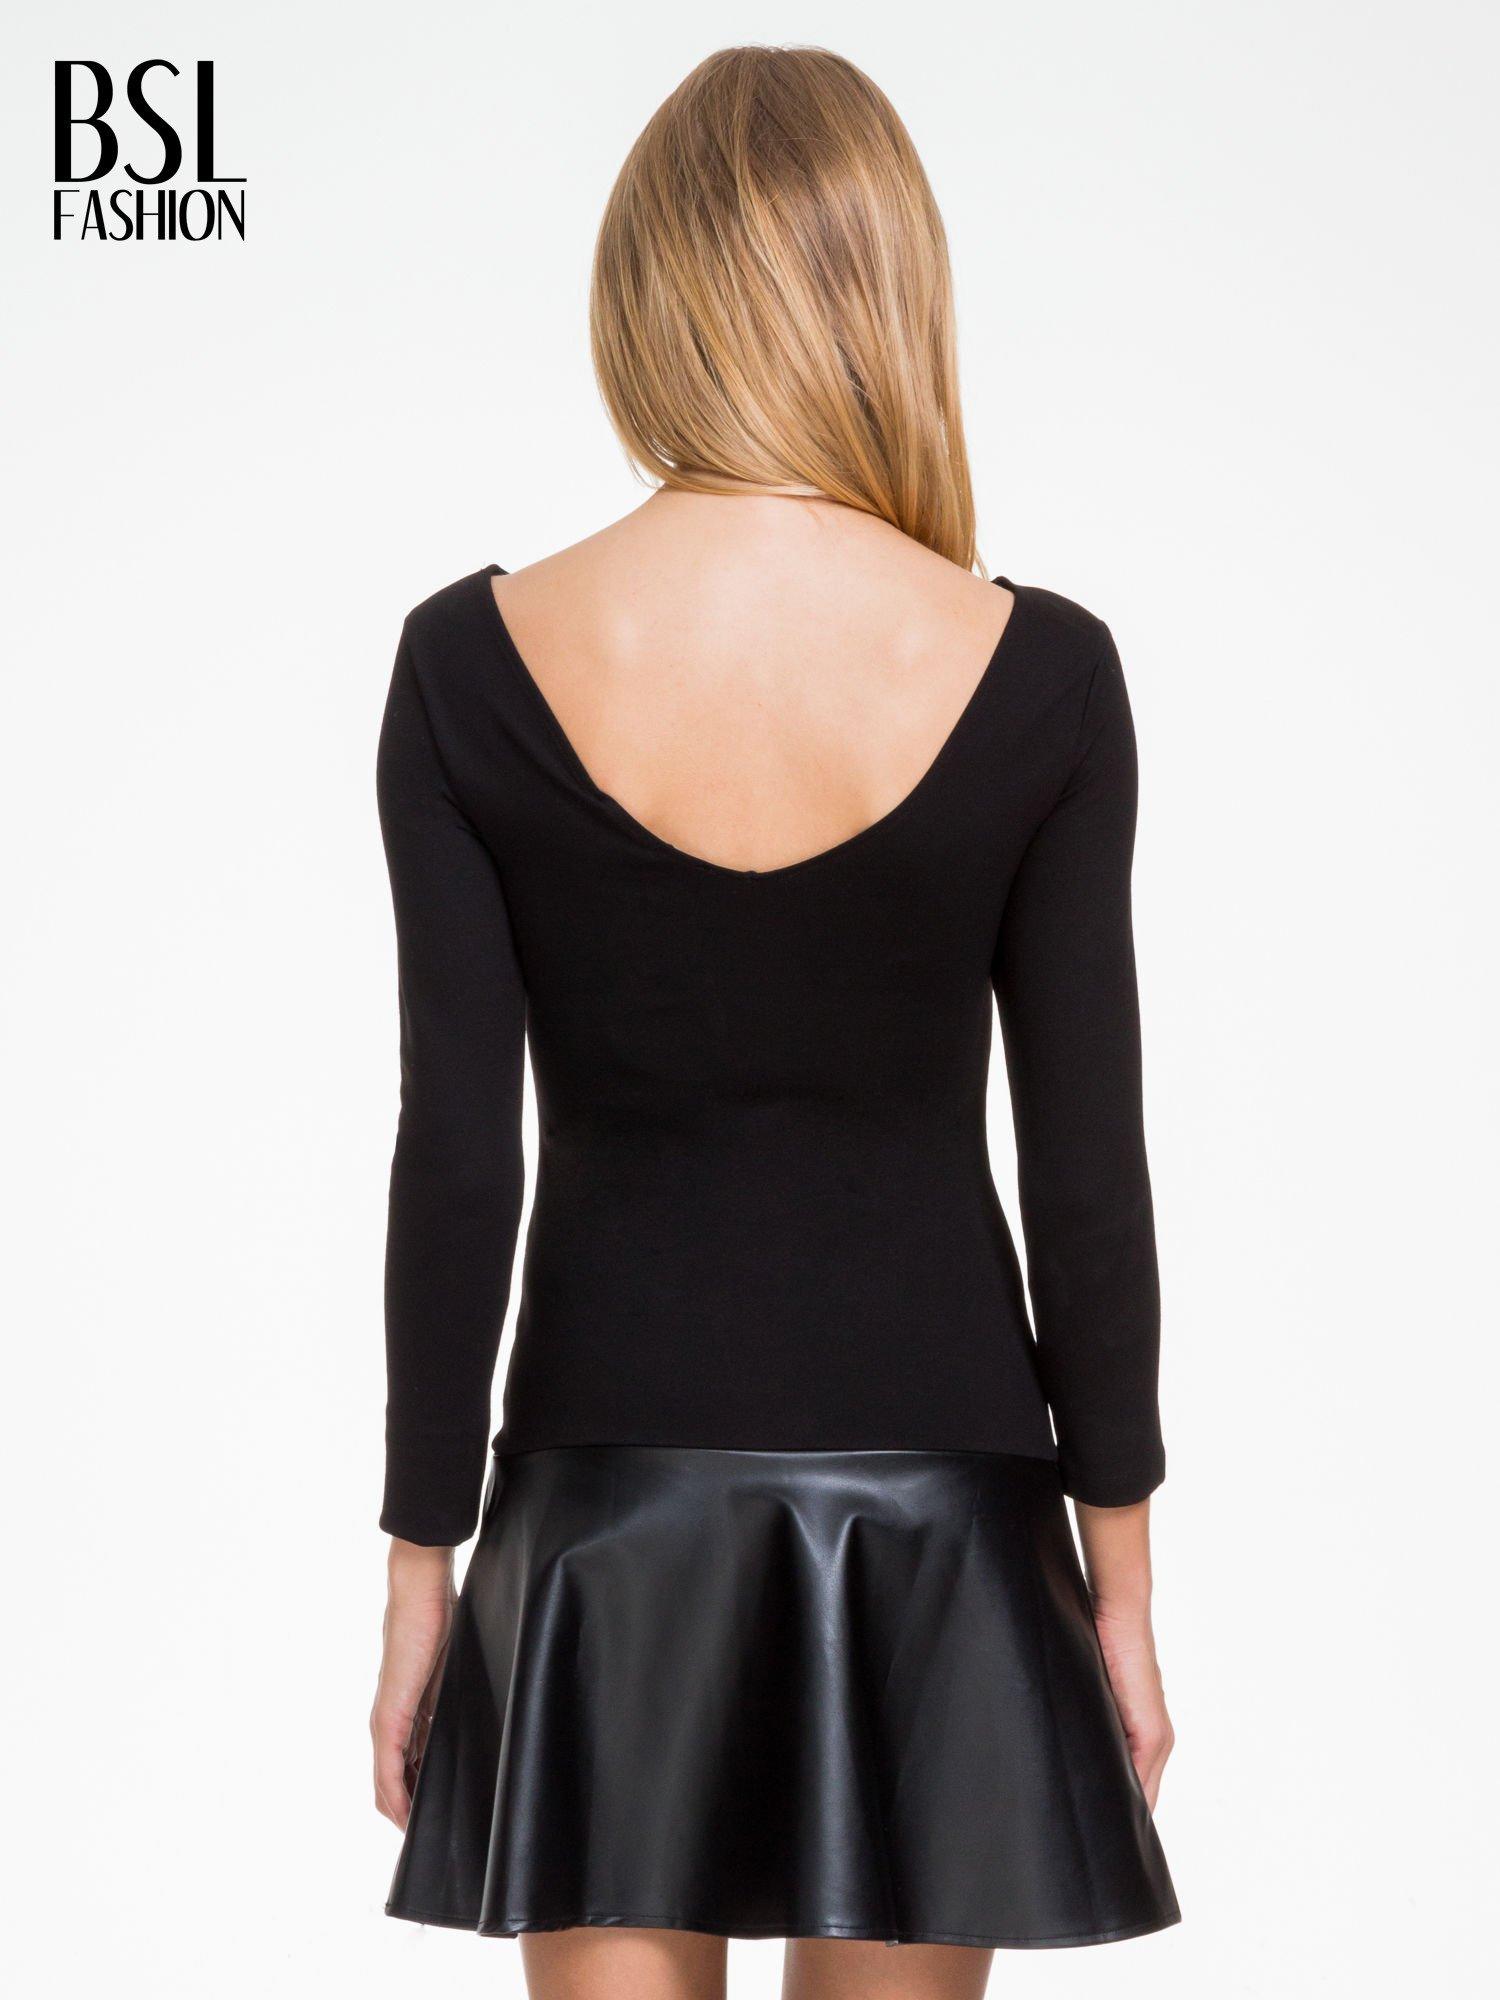 Czarna sukienka z rozkloszowanym dołem ze skóry                                  zdj.                                  2